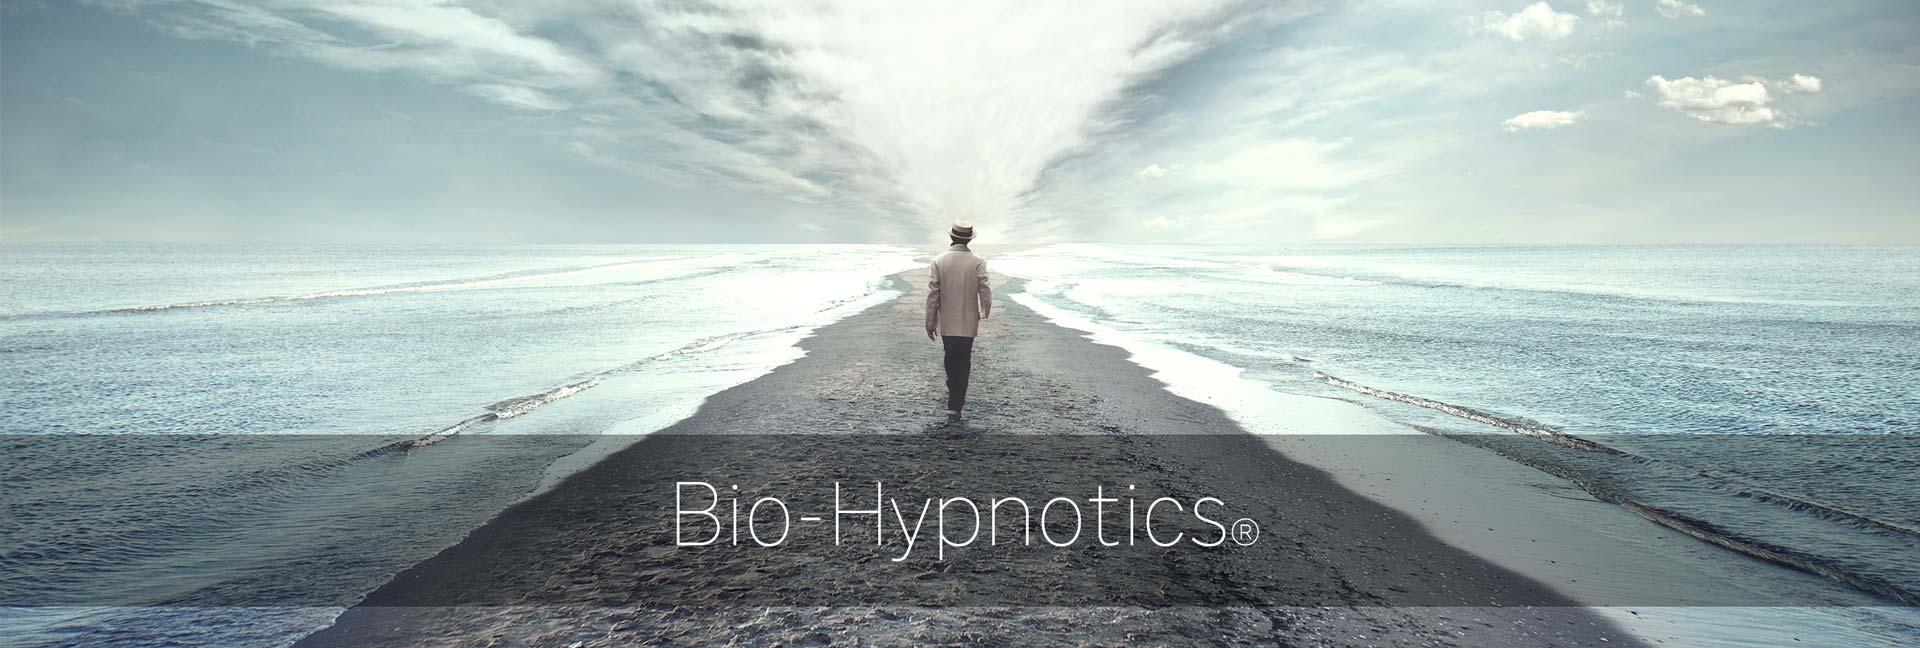 Bio-Hypnotics